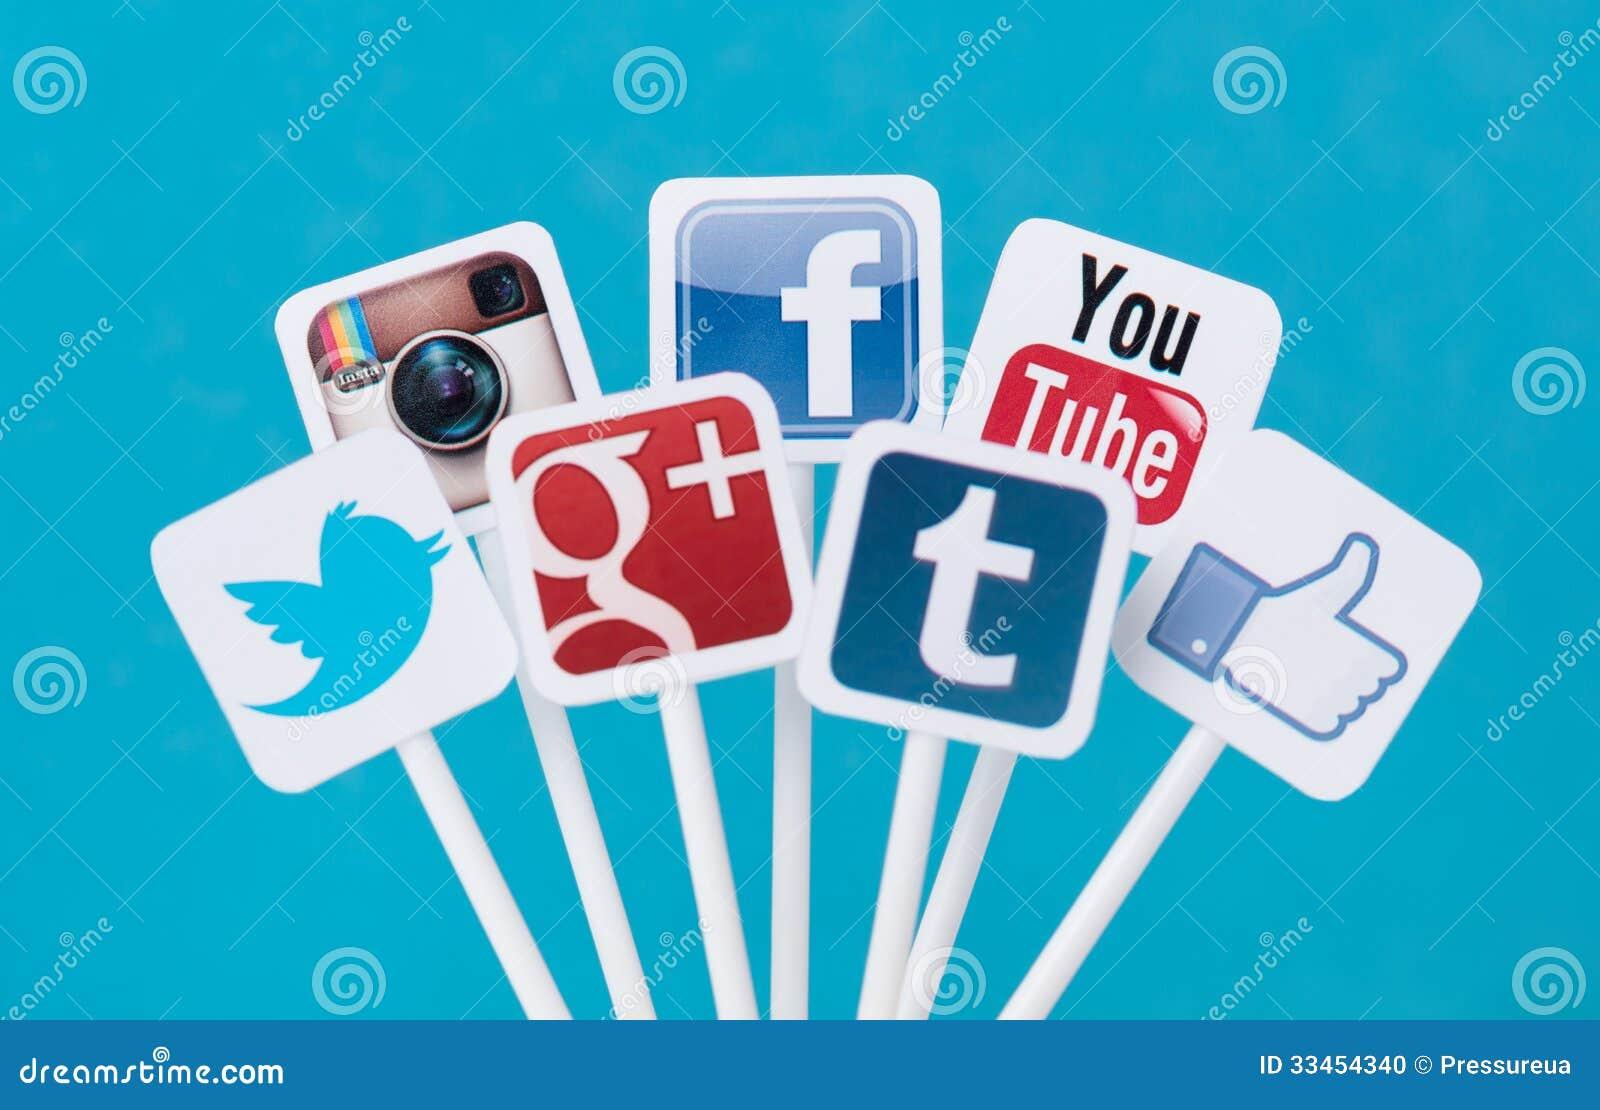 Sociale media tekens